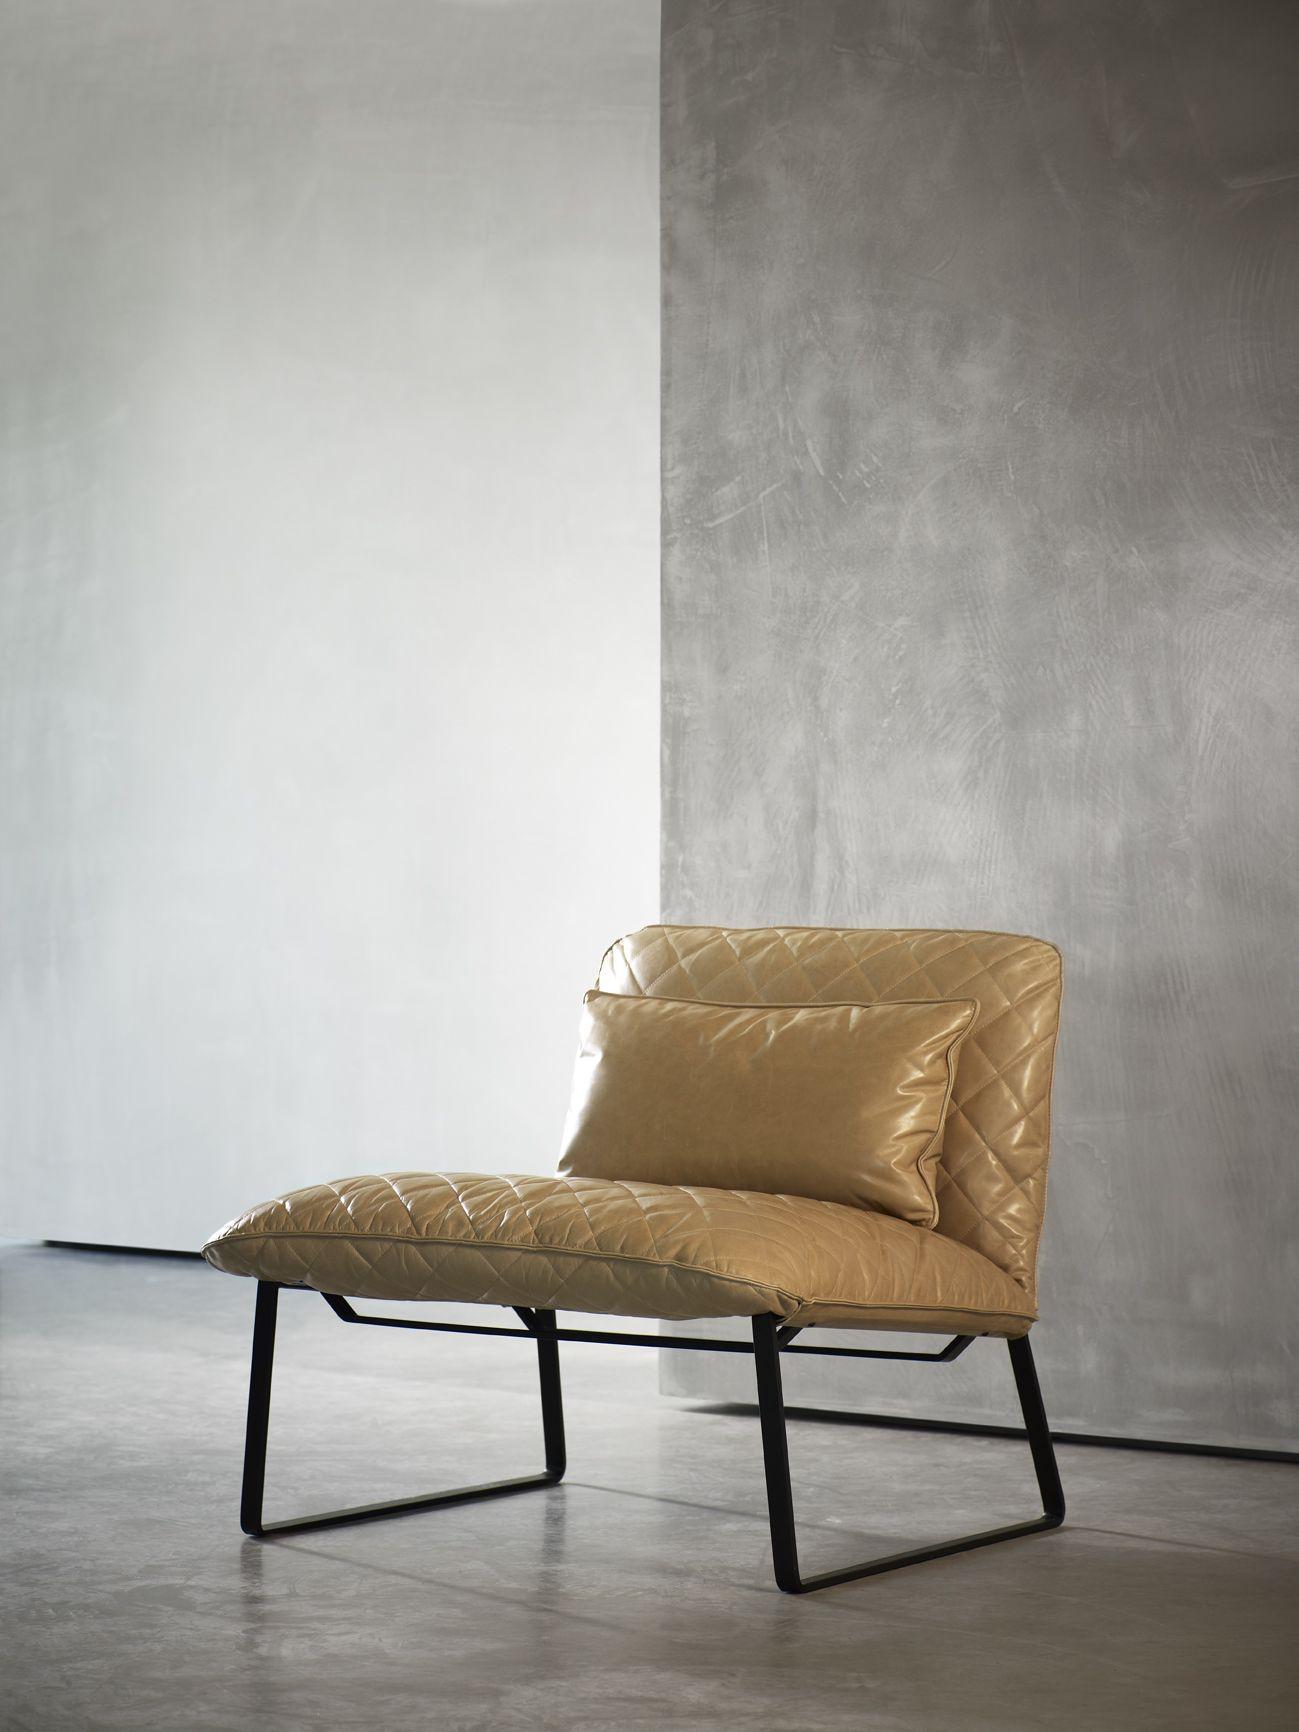 Merveilleux Piet Boon Styling By Karin Meyn | Piet Boon Collection Furniture   KEKKE  Fauteuil